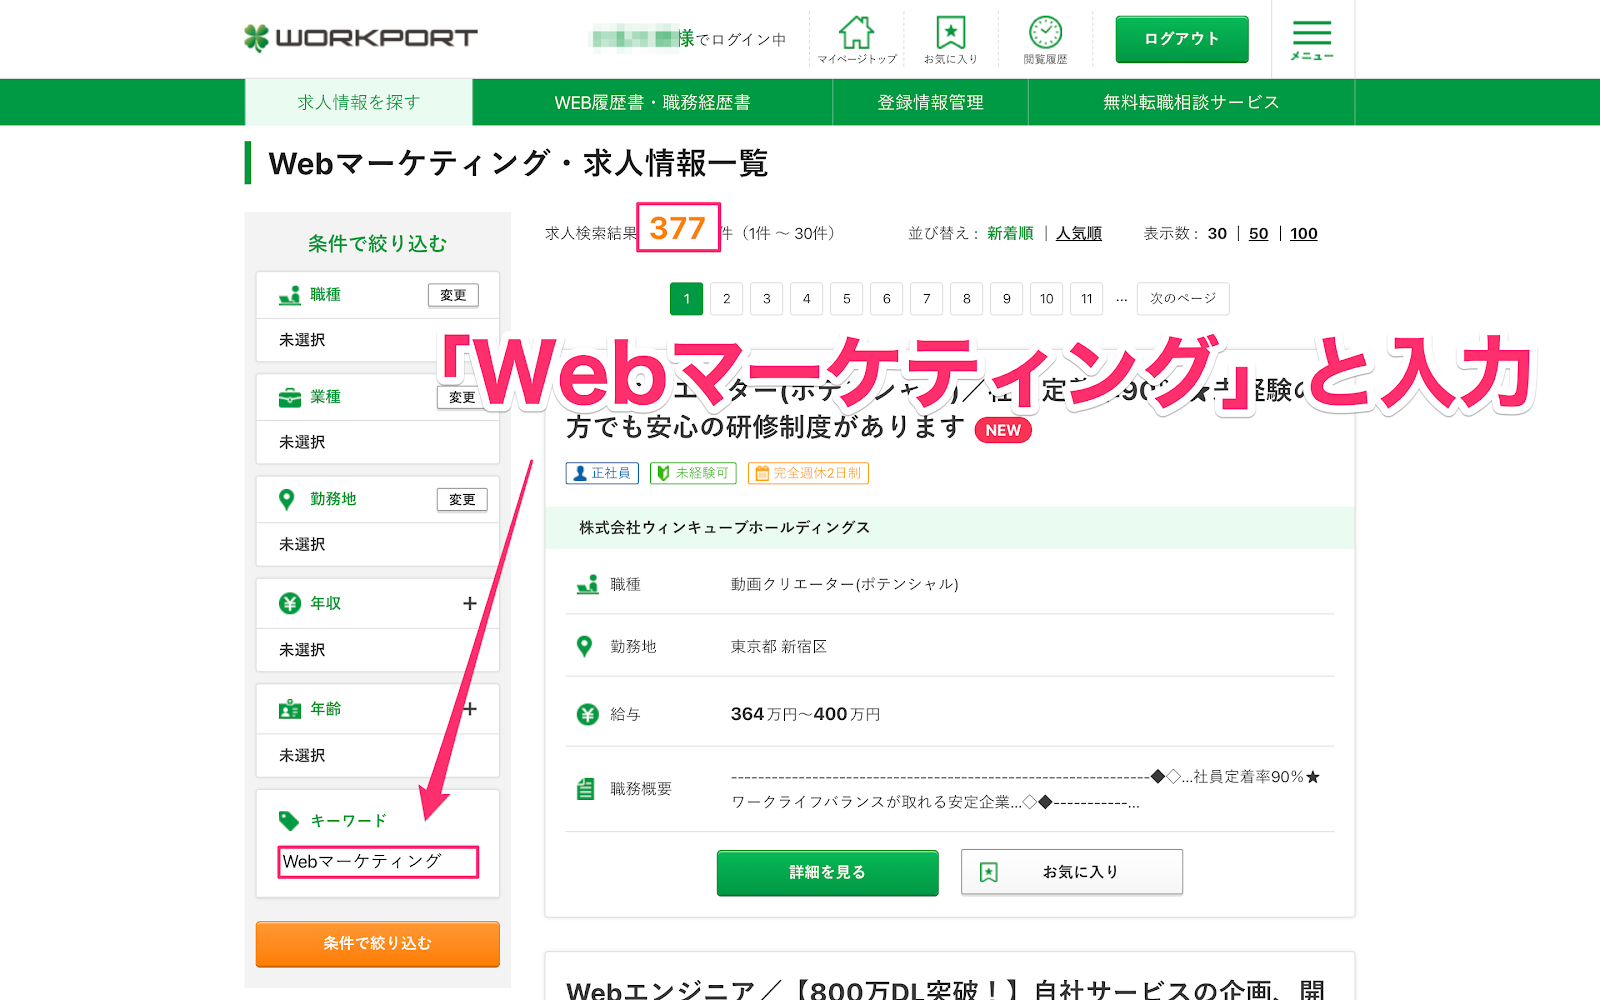 Webマーケ関連の求人